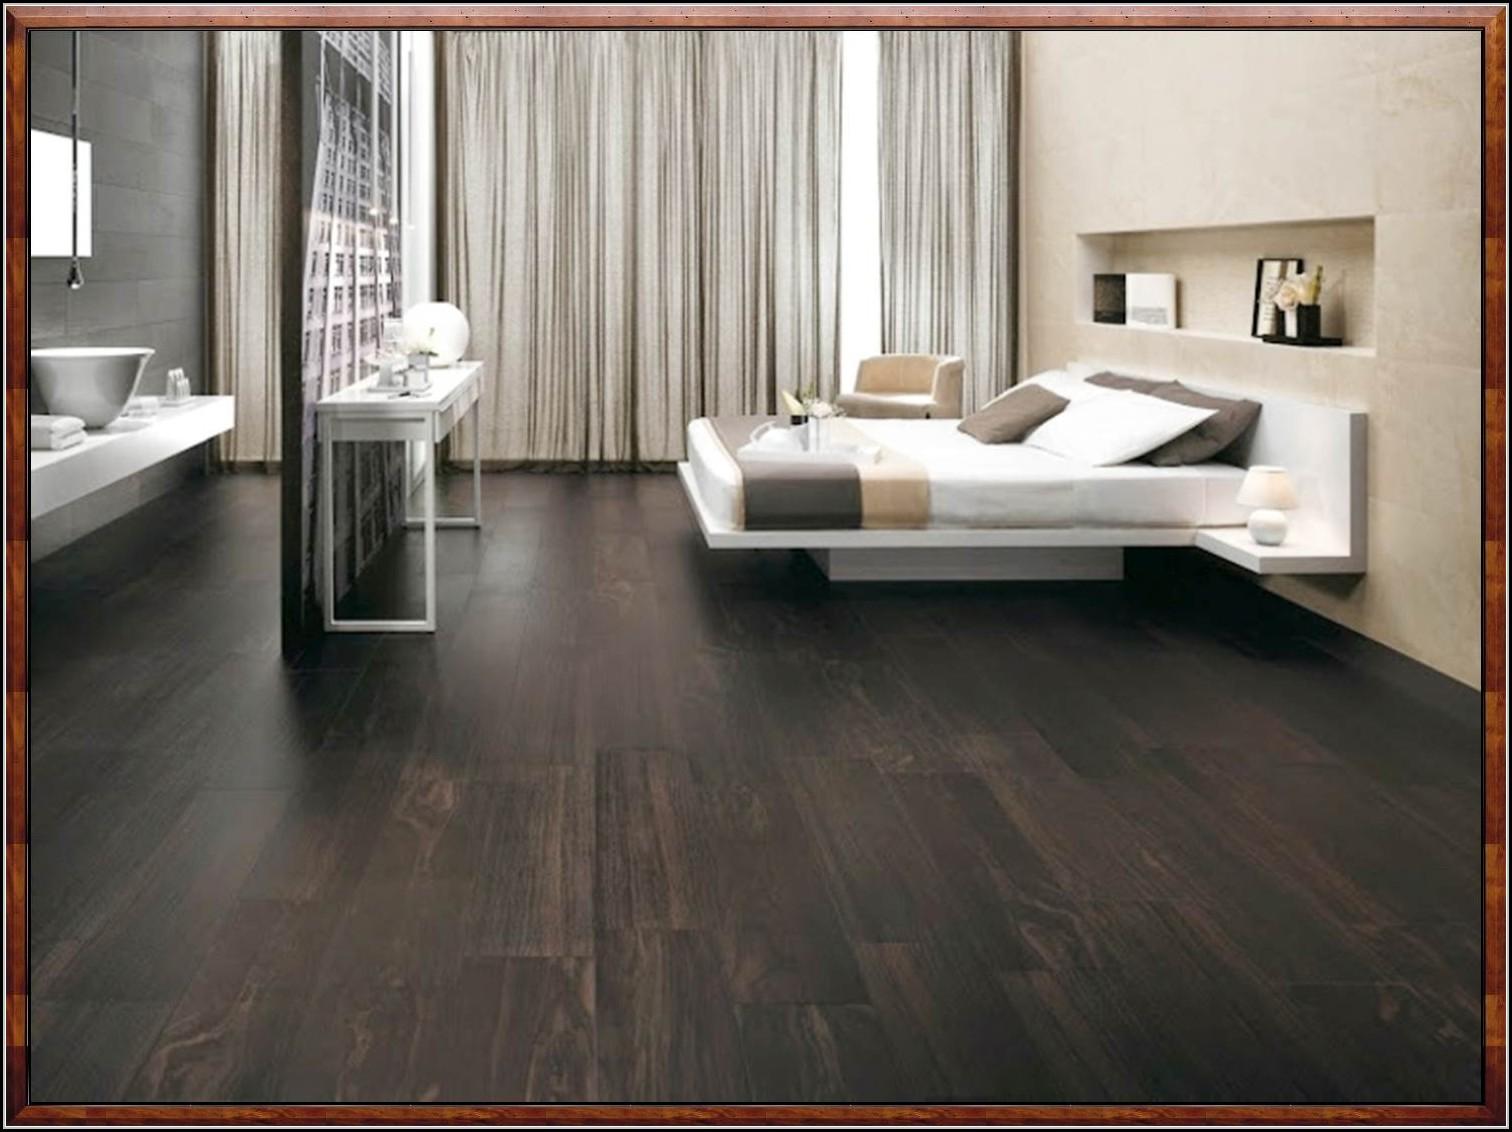 fliesen holzoptik eiche dunkel fliesen house und dekor. Black Bedroom Furniture Sets. Home Design Ideas